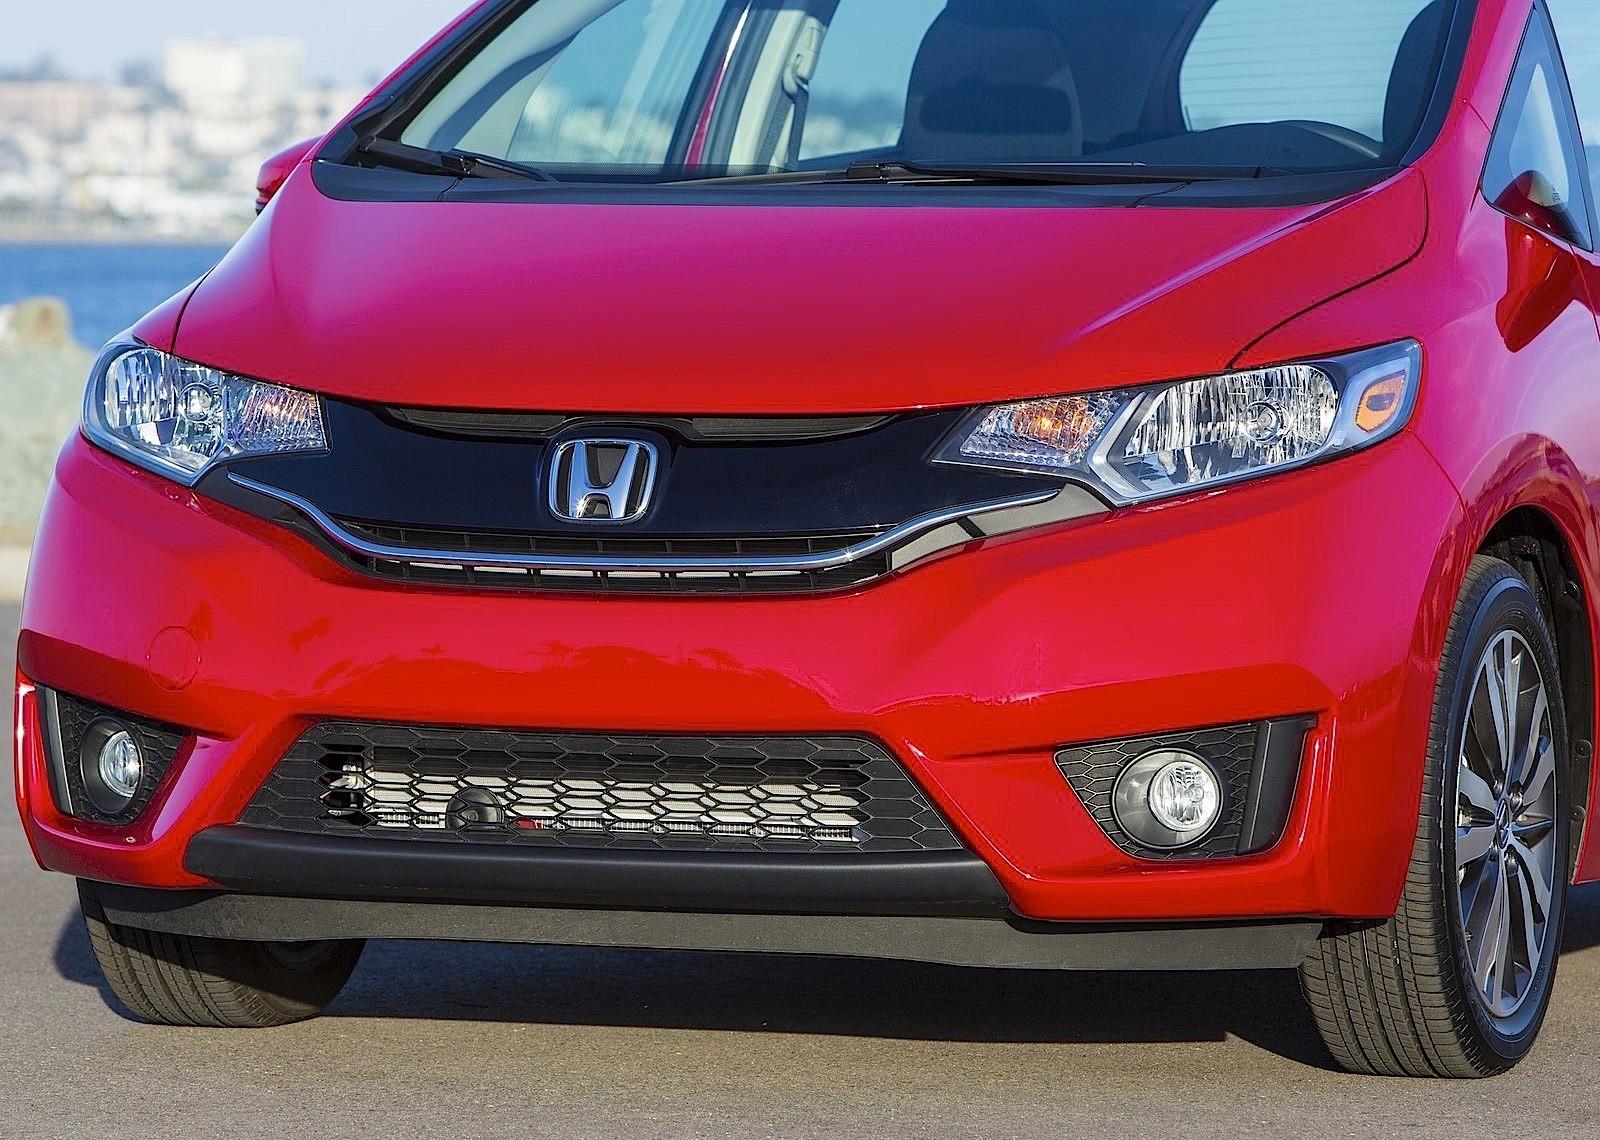 HONDA Jazz/Fit - 2013, 2014, 2015, 2016, 2017 - autoevolution